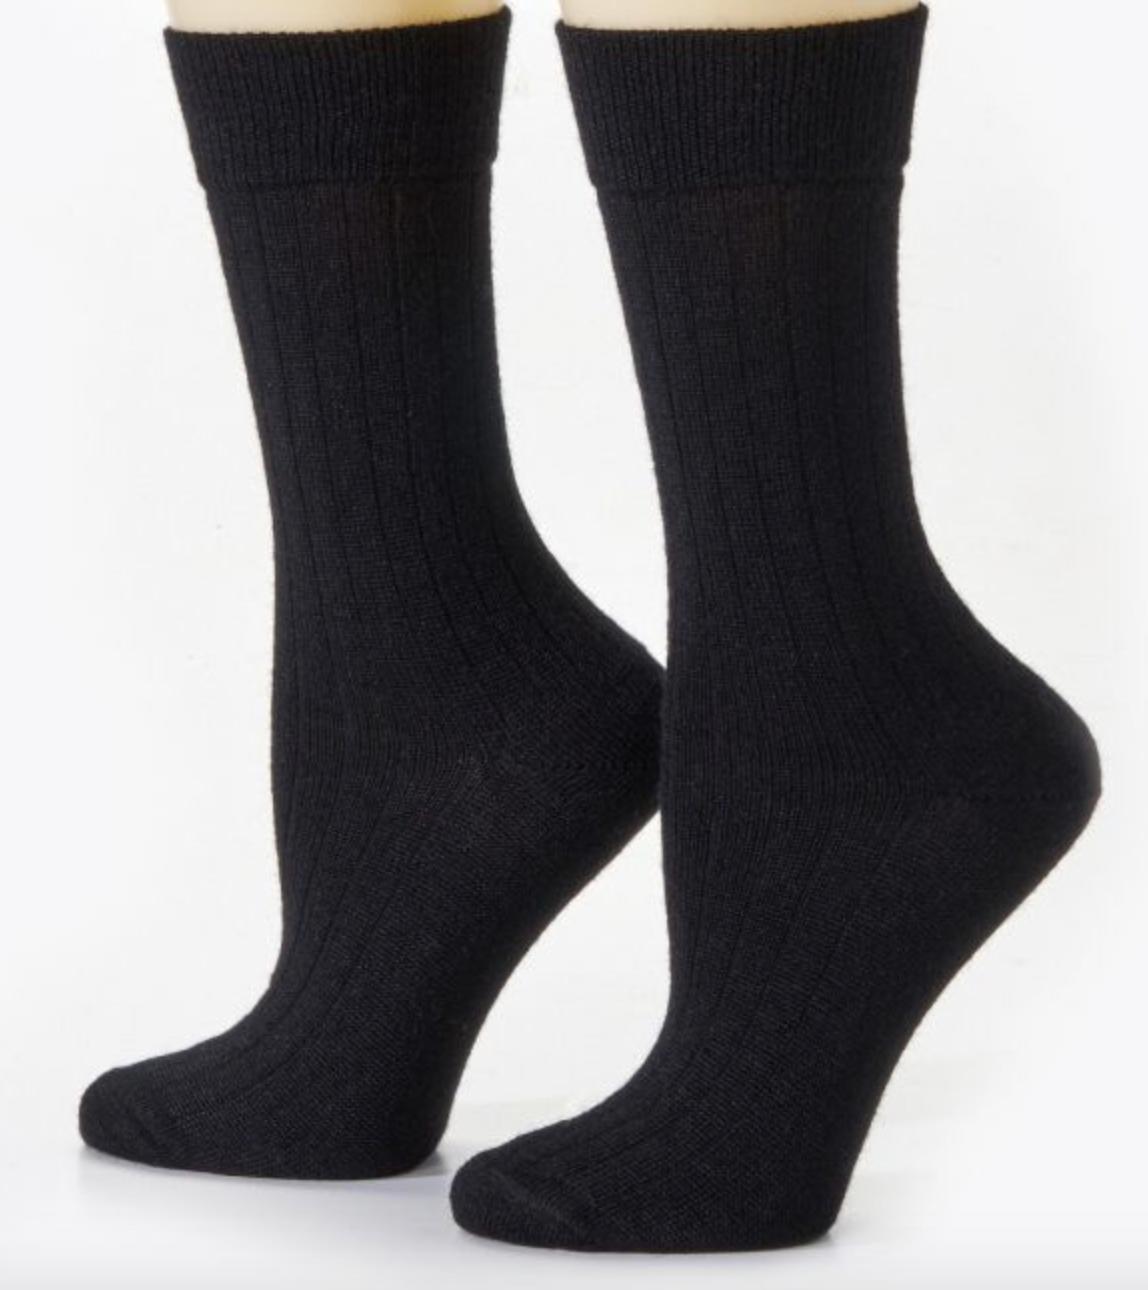 Peruvian Link Dress Alpaca Socks Black XL